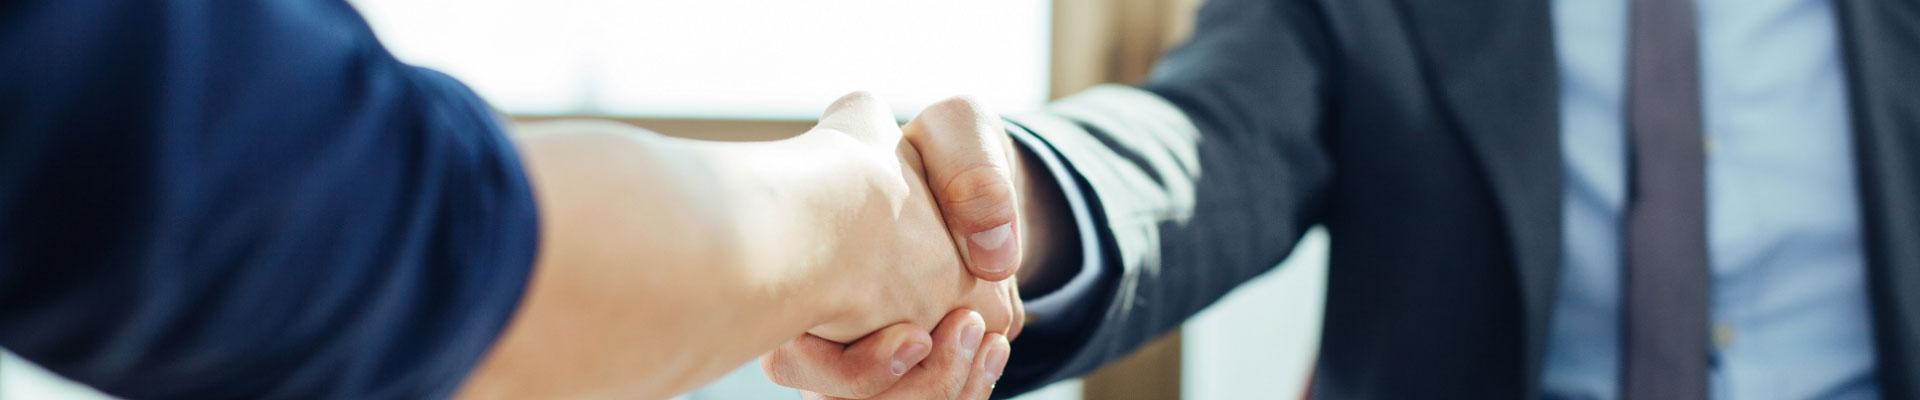 WSPÓŁPRACA - image slider-wspolpraca on http://promix.rzeszow.pl